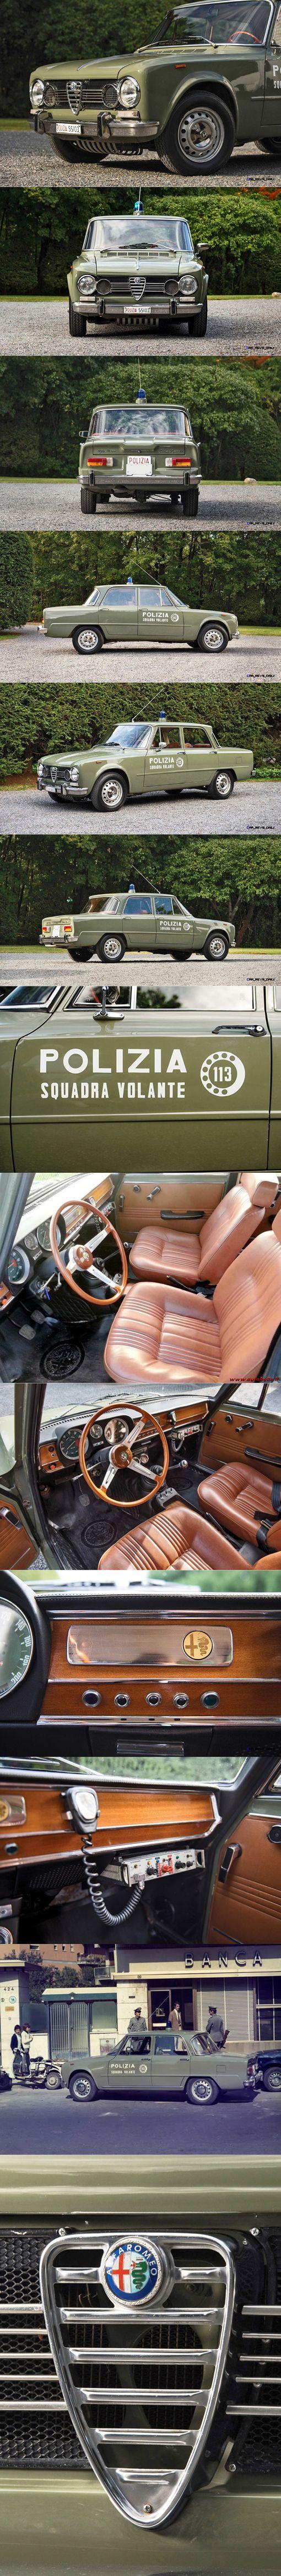 1966 Alfa Romeo Giulia Super Squadra Volante / Italian Police